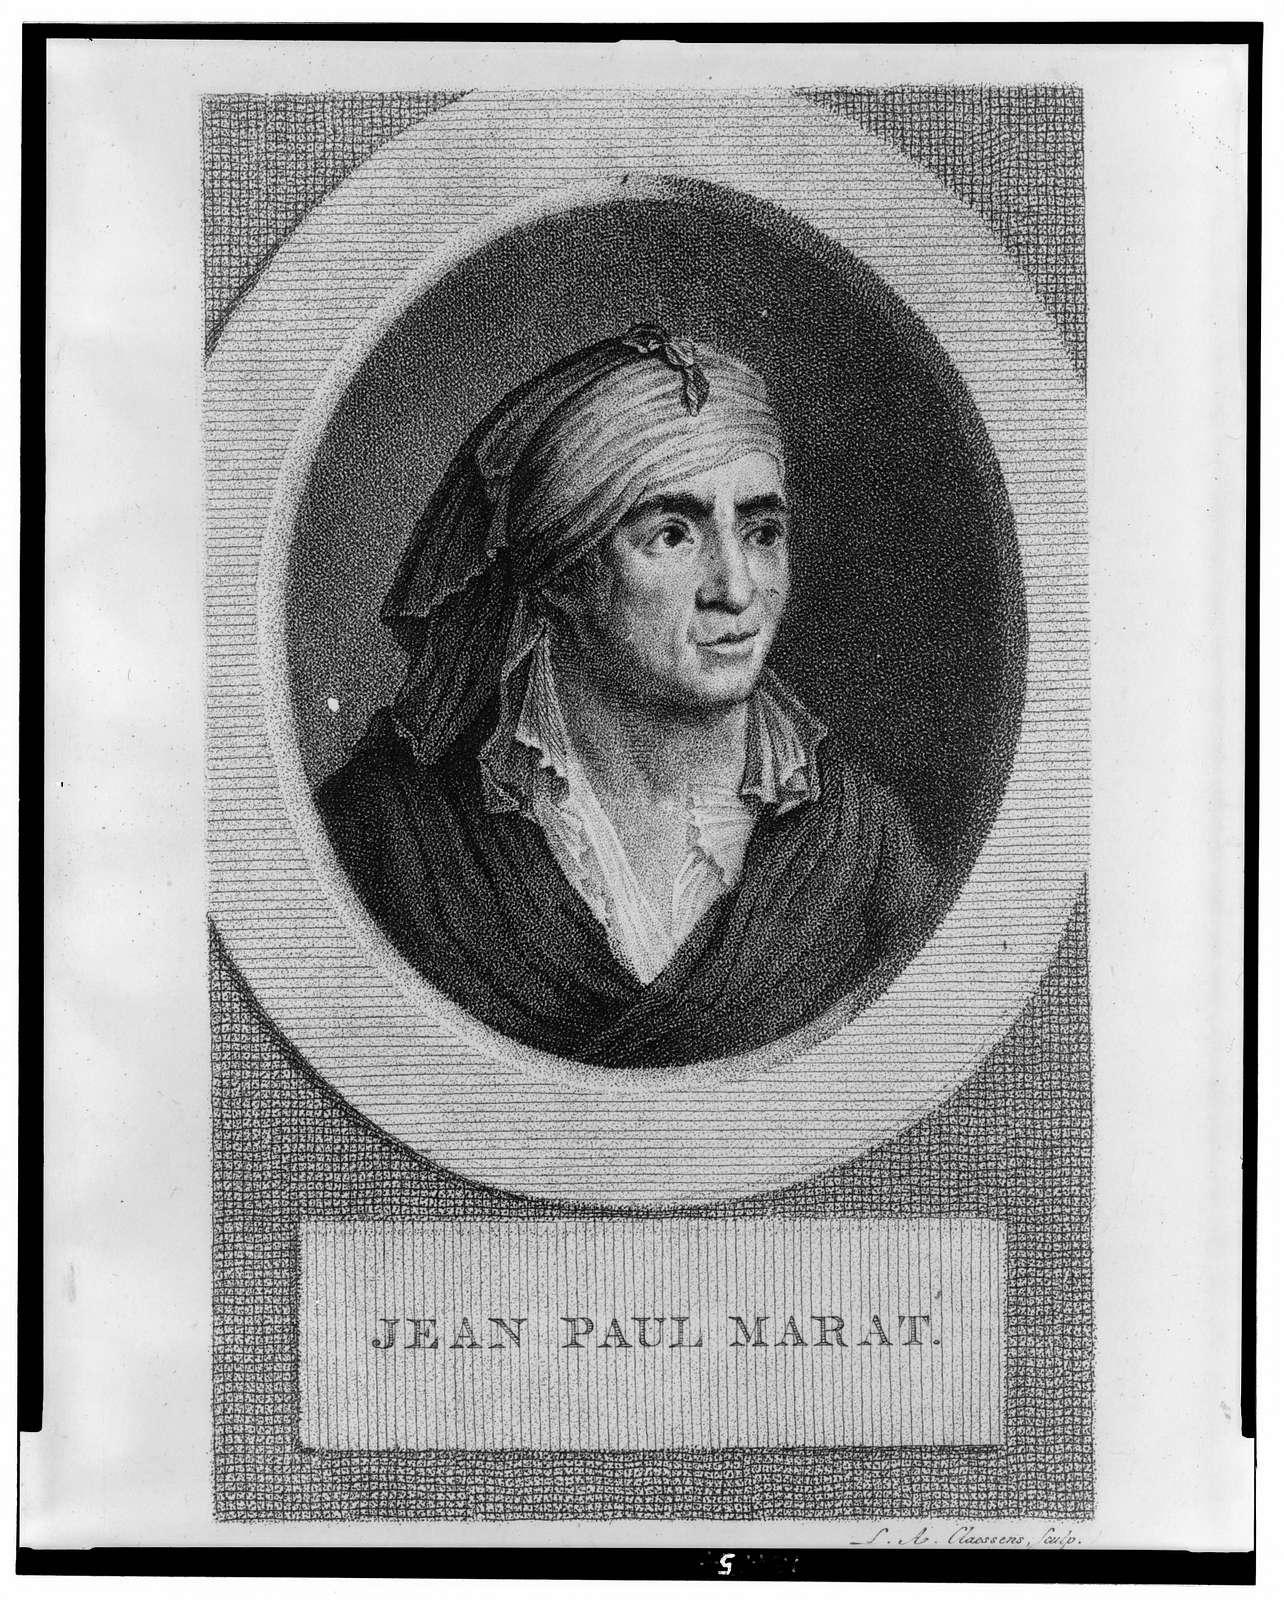 Jean Paul Marat / L.A. Claessens, sculp.